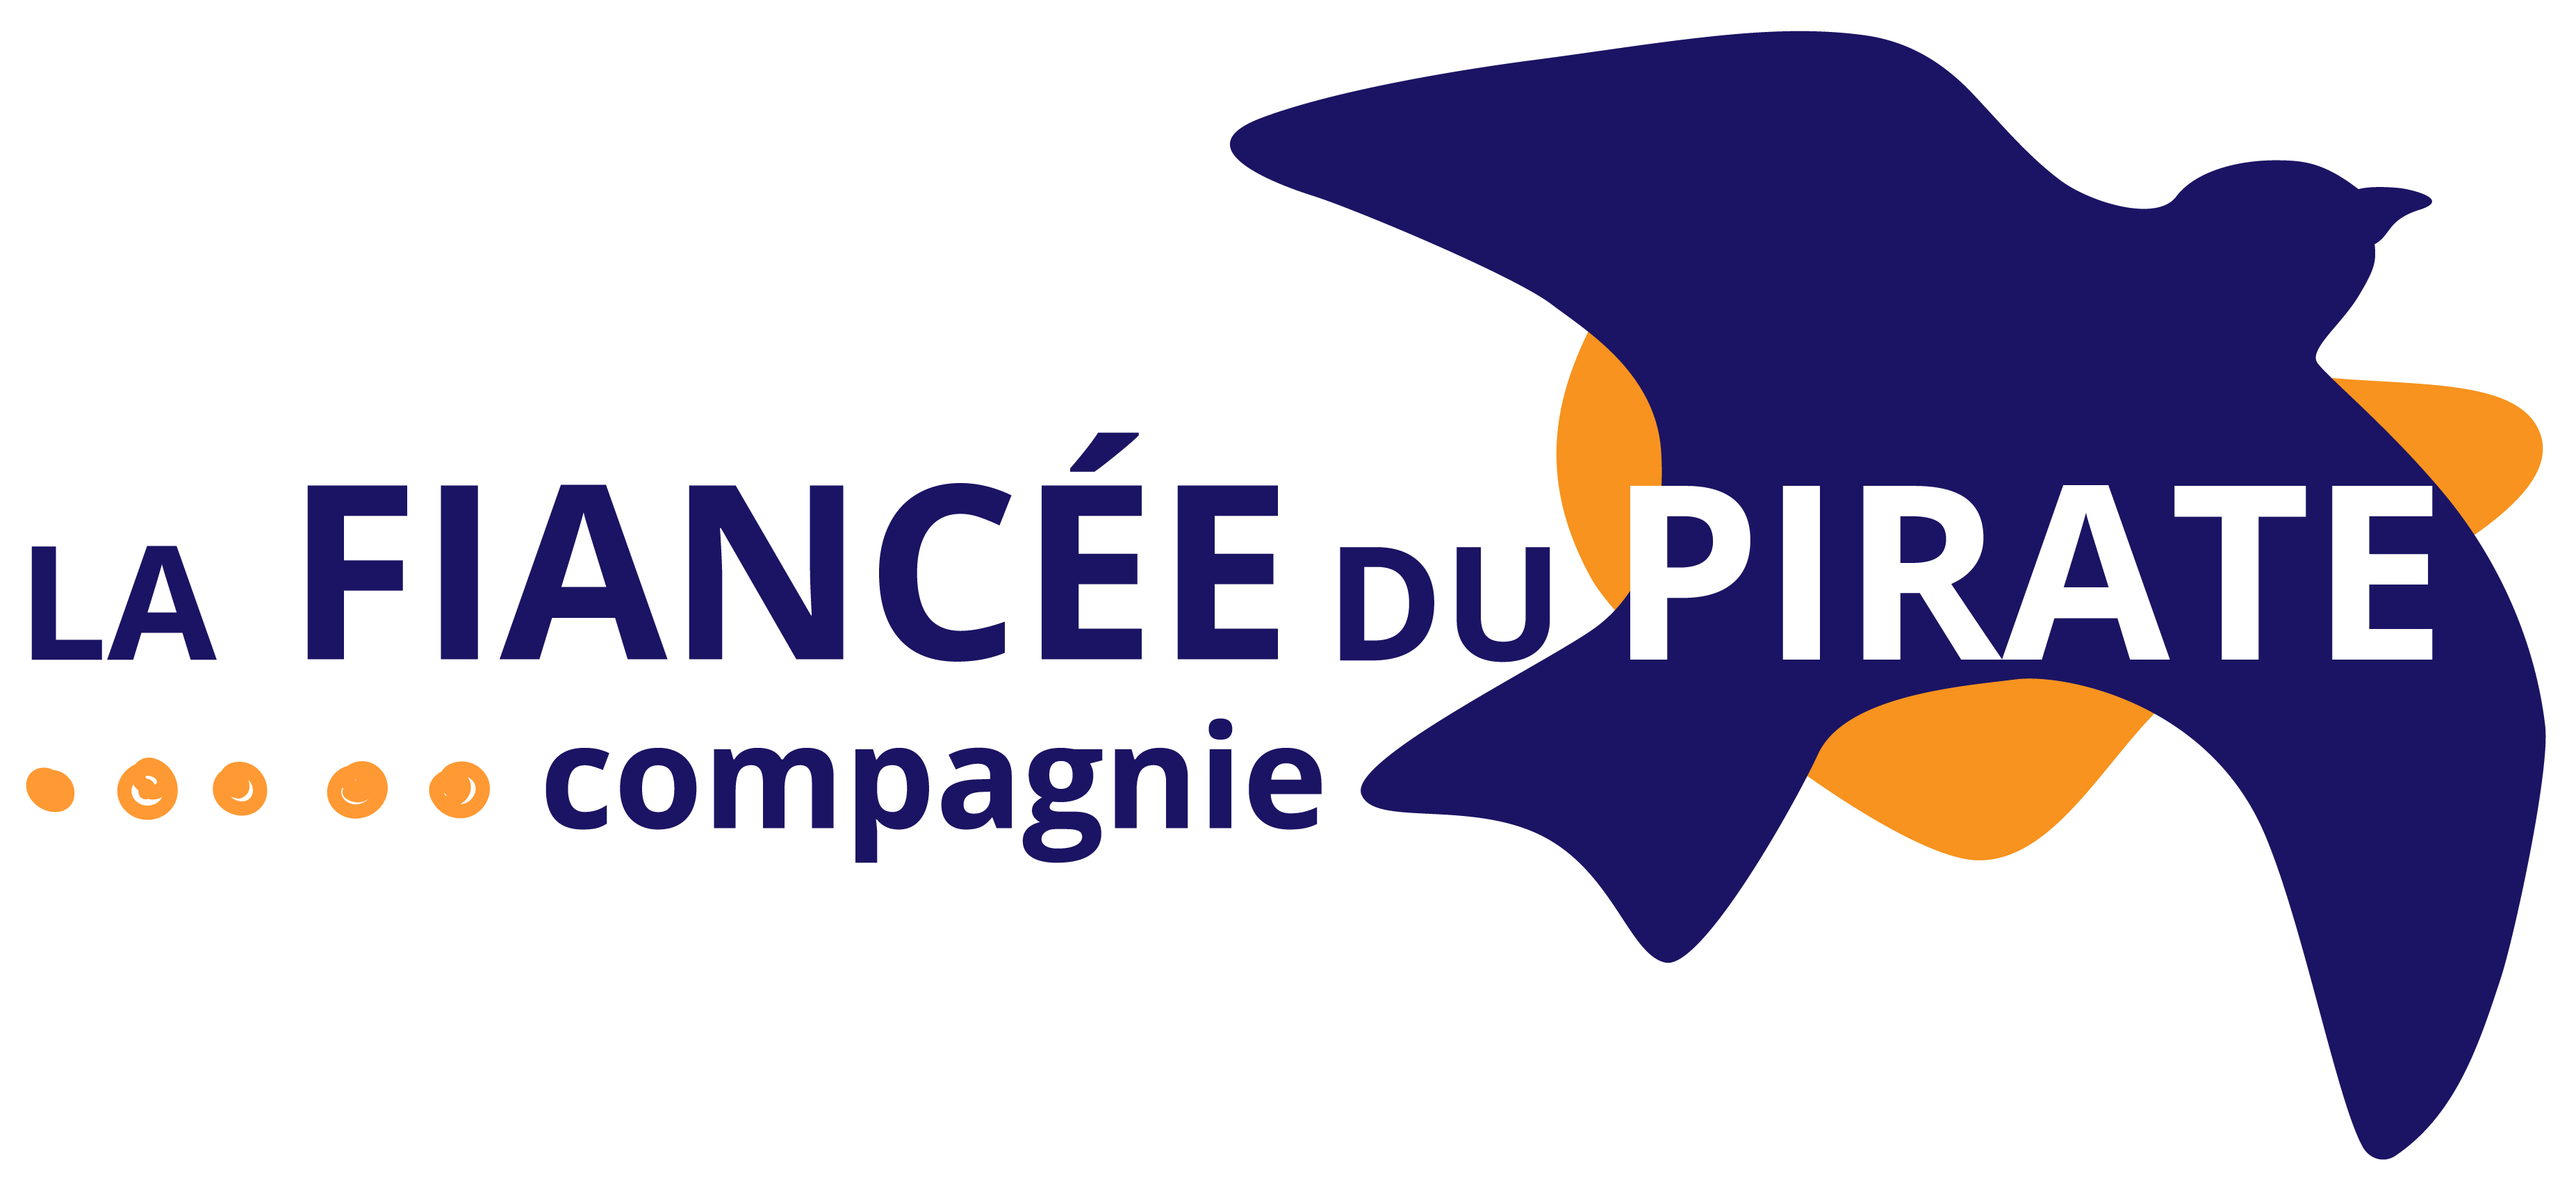 logo Fiancée du pirate Compagnie